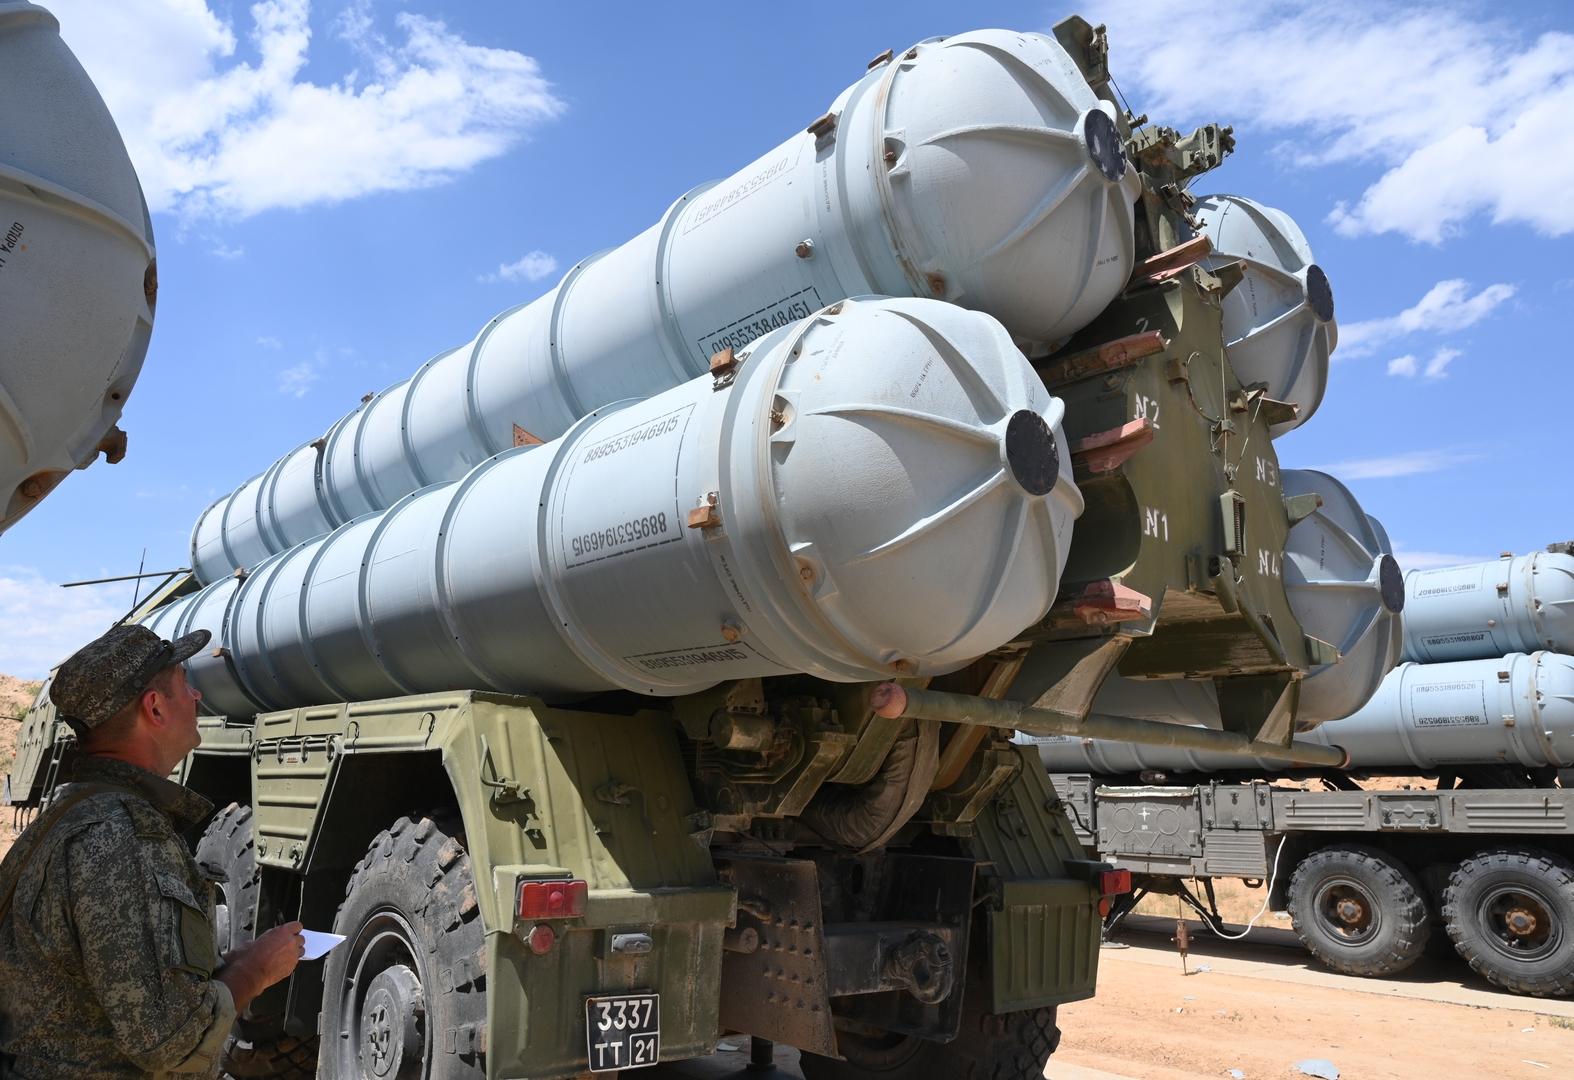 العرض العسكري في الساحة الحمراء يكشف عن منظومات جديدة للدفاع الجوي الروسي